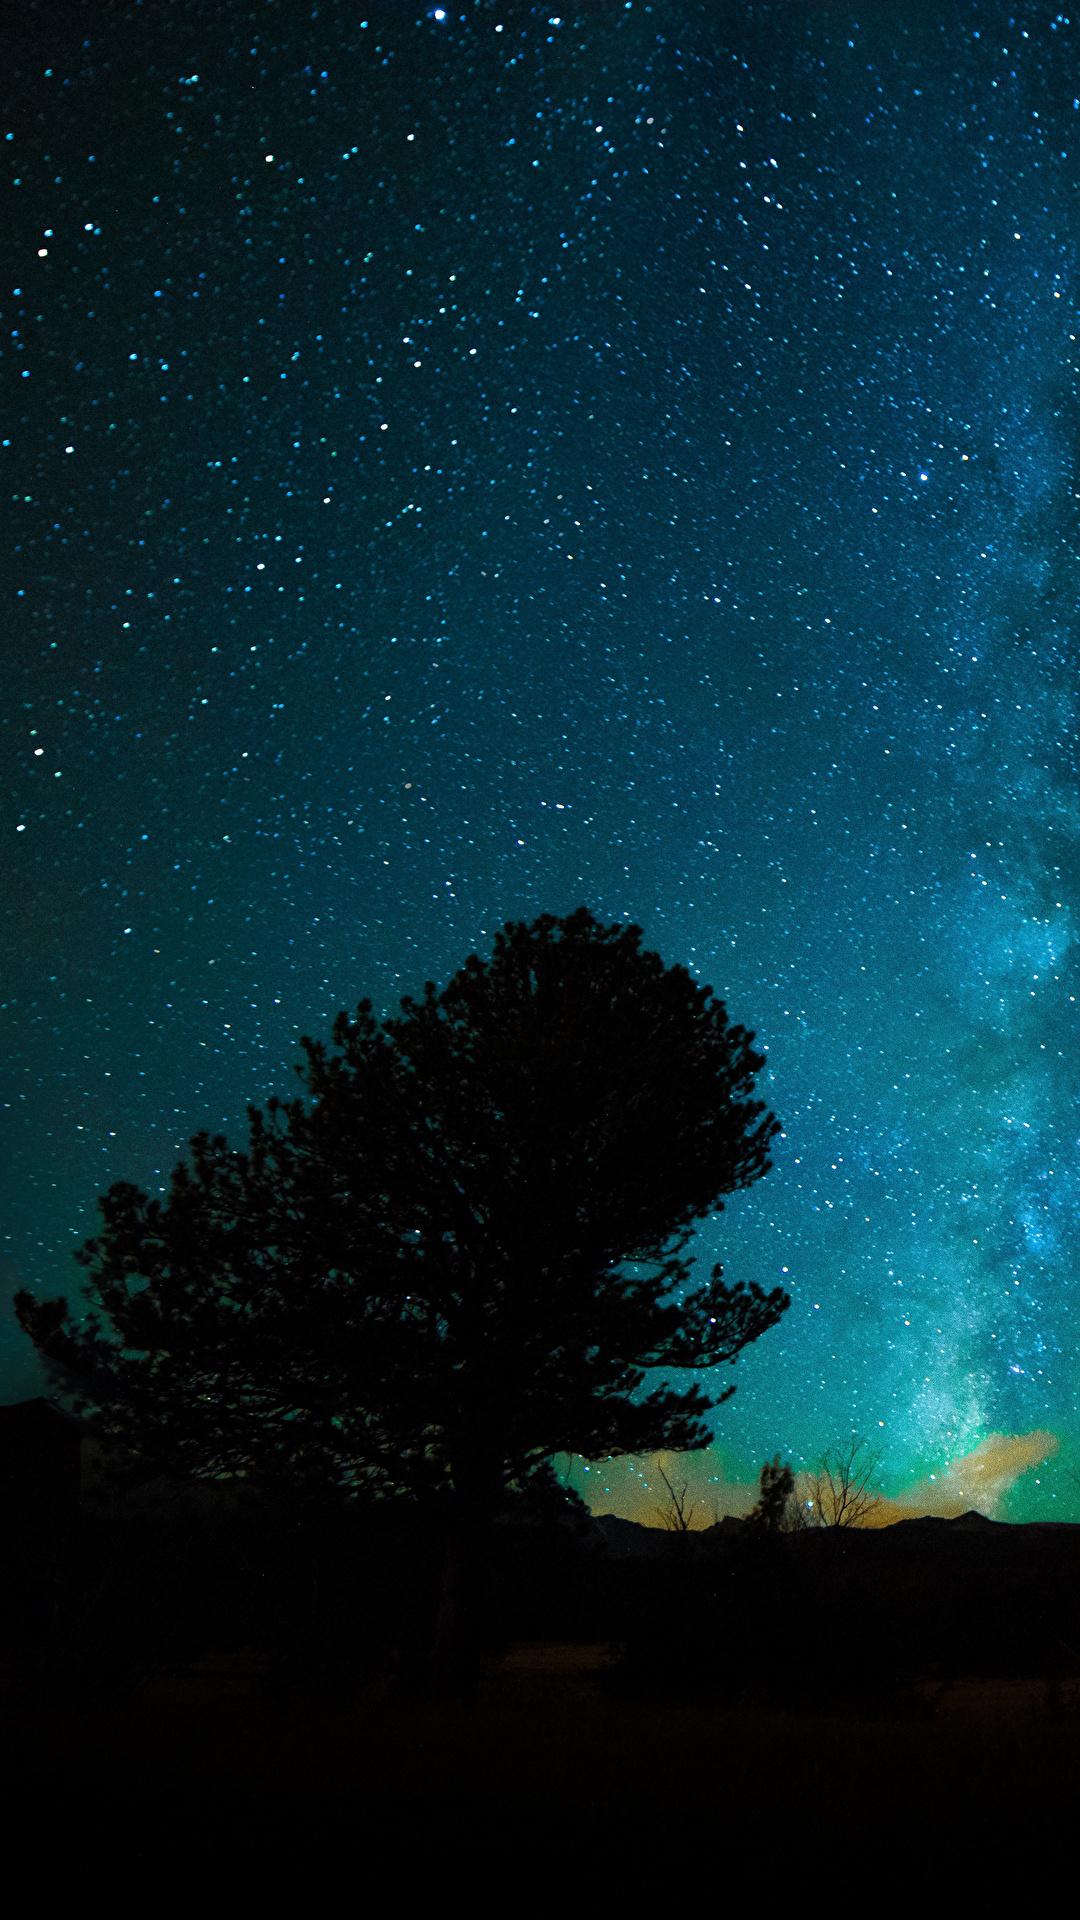 壁紙 1080x19 空 恒星 夜 木 自然 ダウンロード 写真